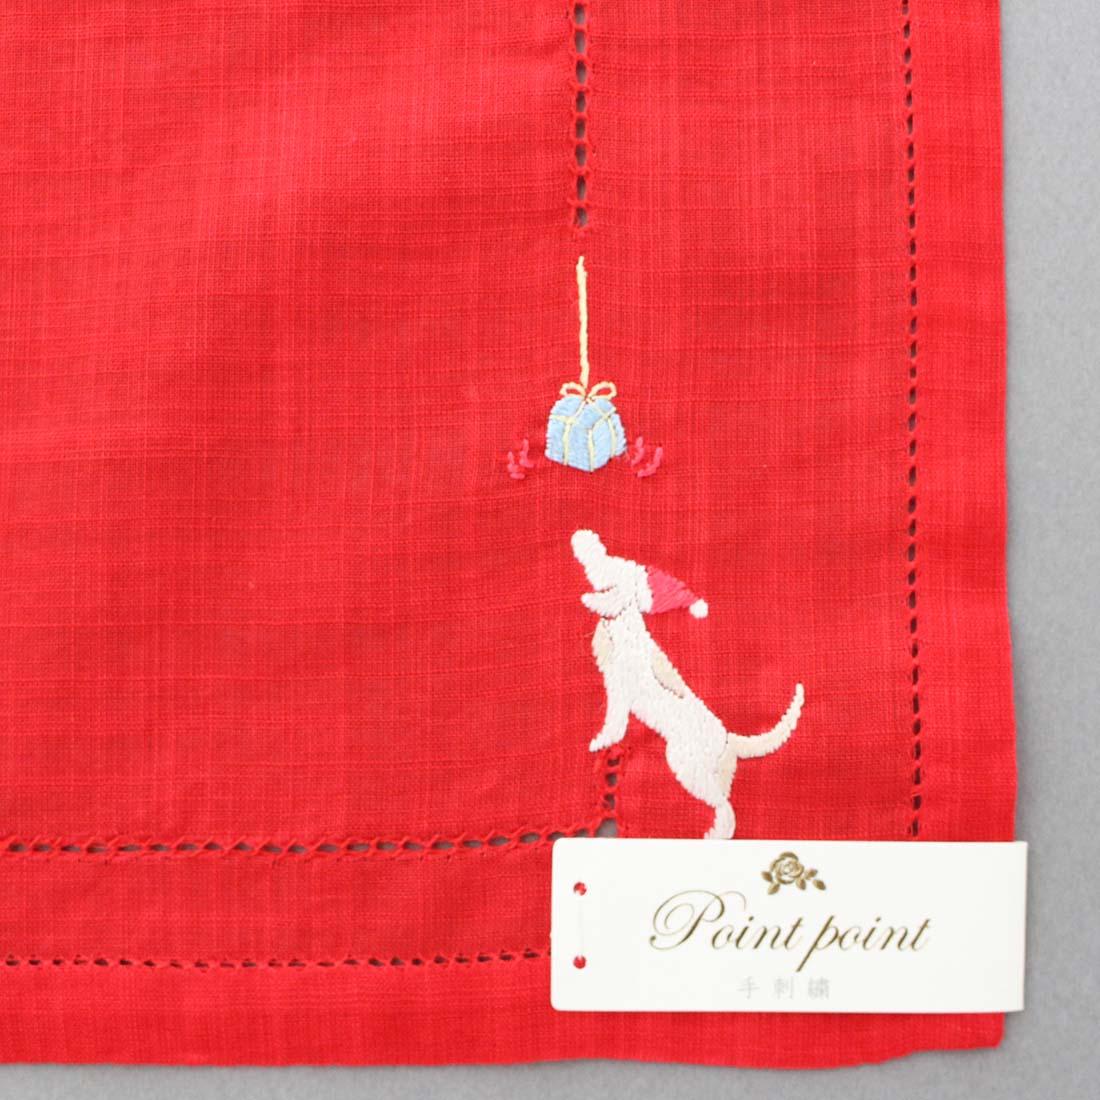 ポワンポワン ベトナム手刺繍 ハンカチ  クリスマス イヌ 8704  レッド